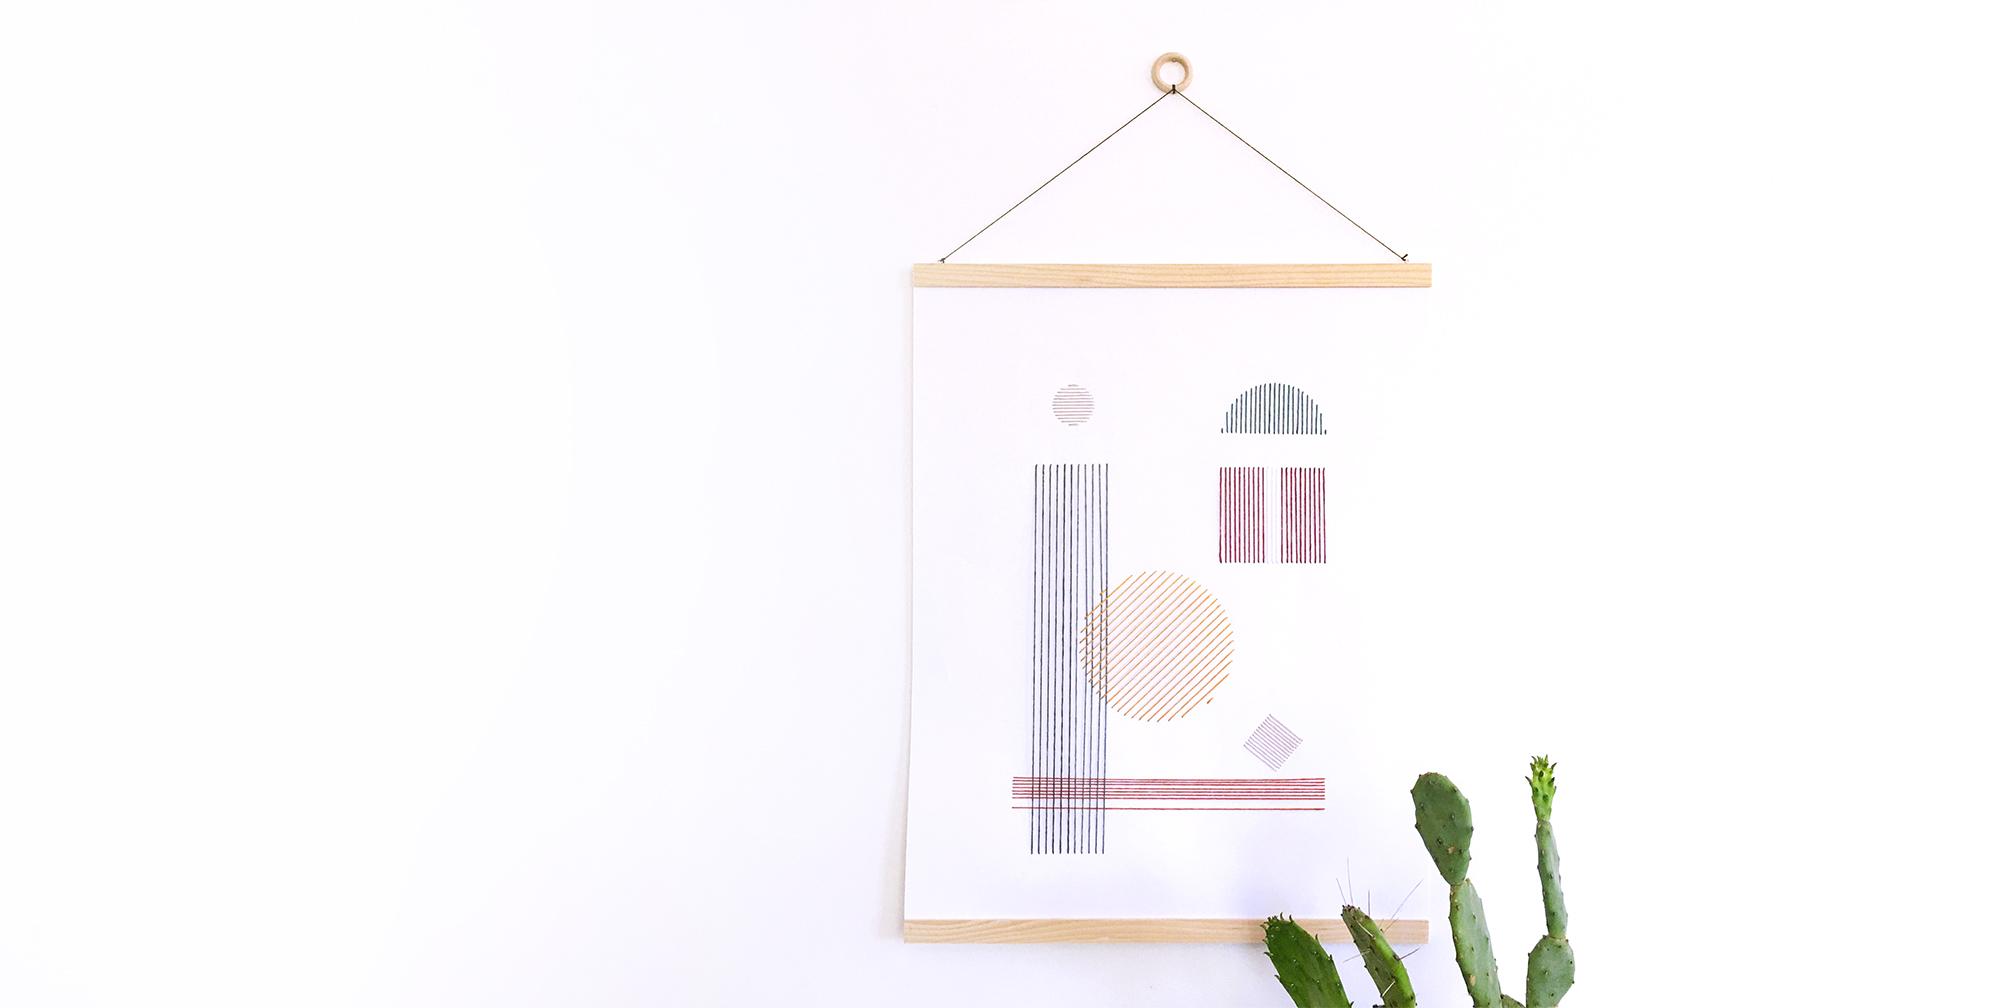 Kit poster à broder - Kit créatif broderie - Affiche à broder - DIY déco poster - kitik